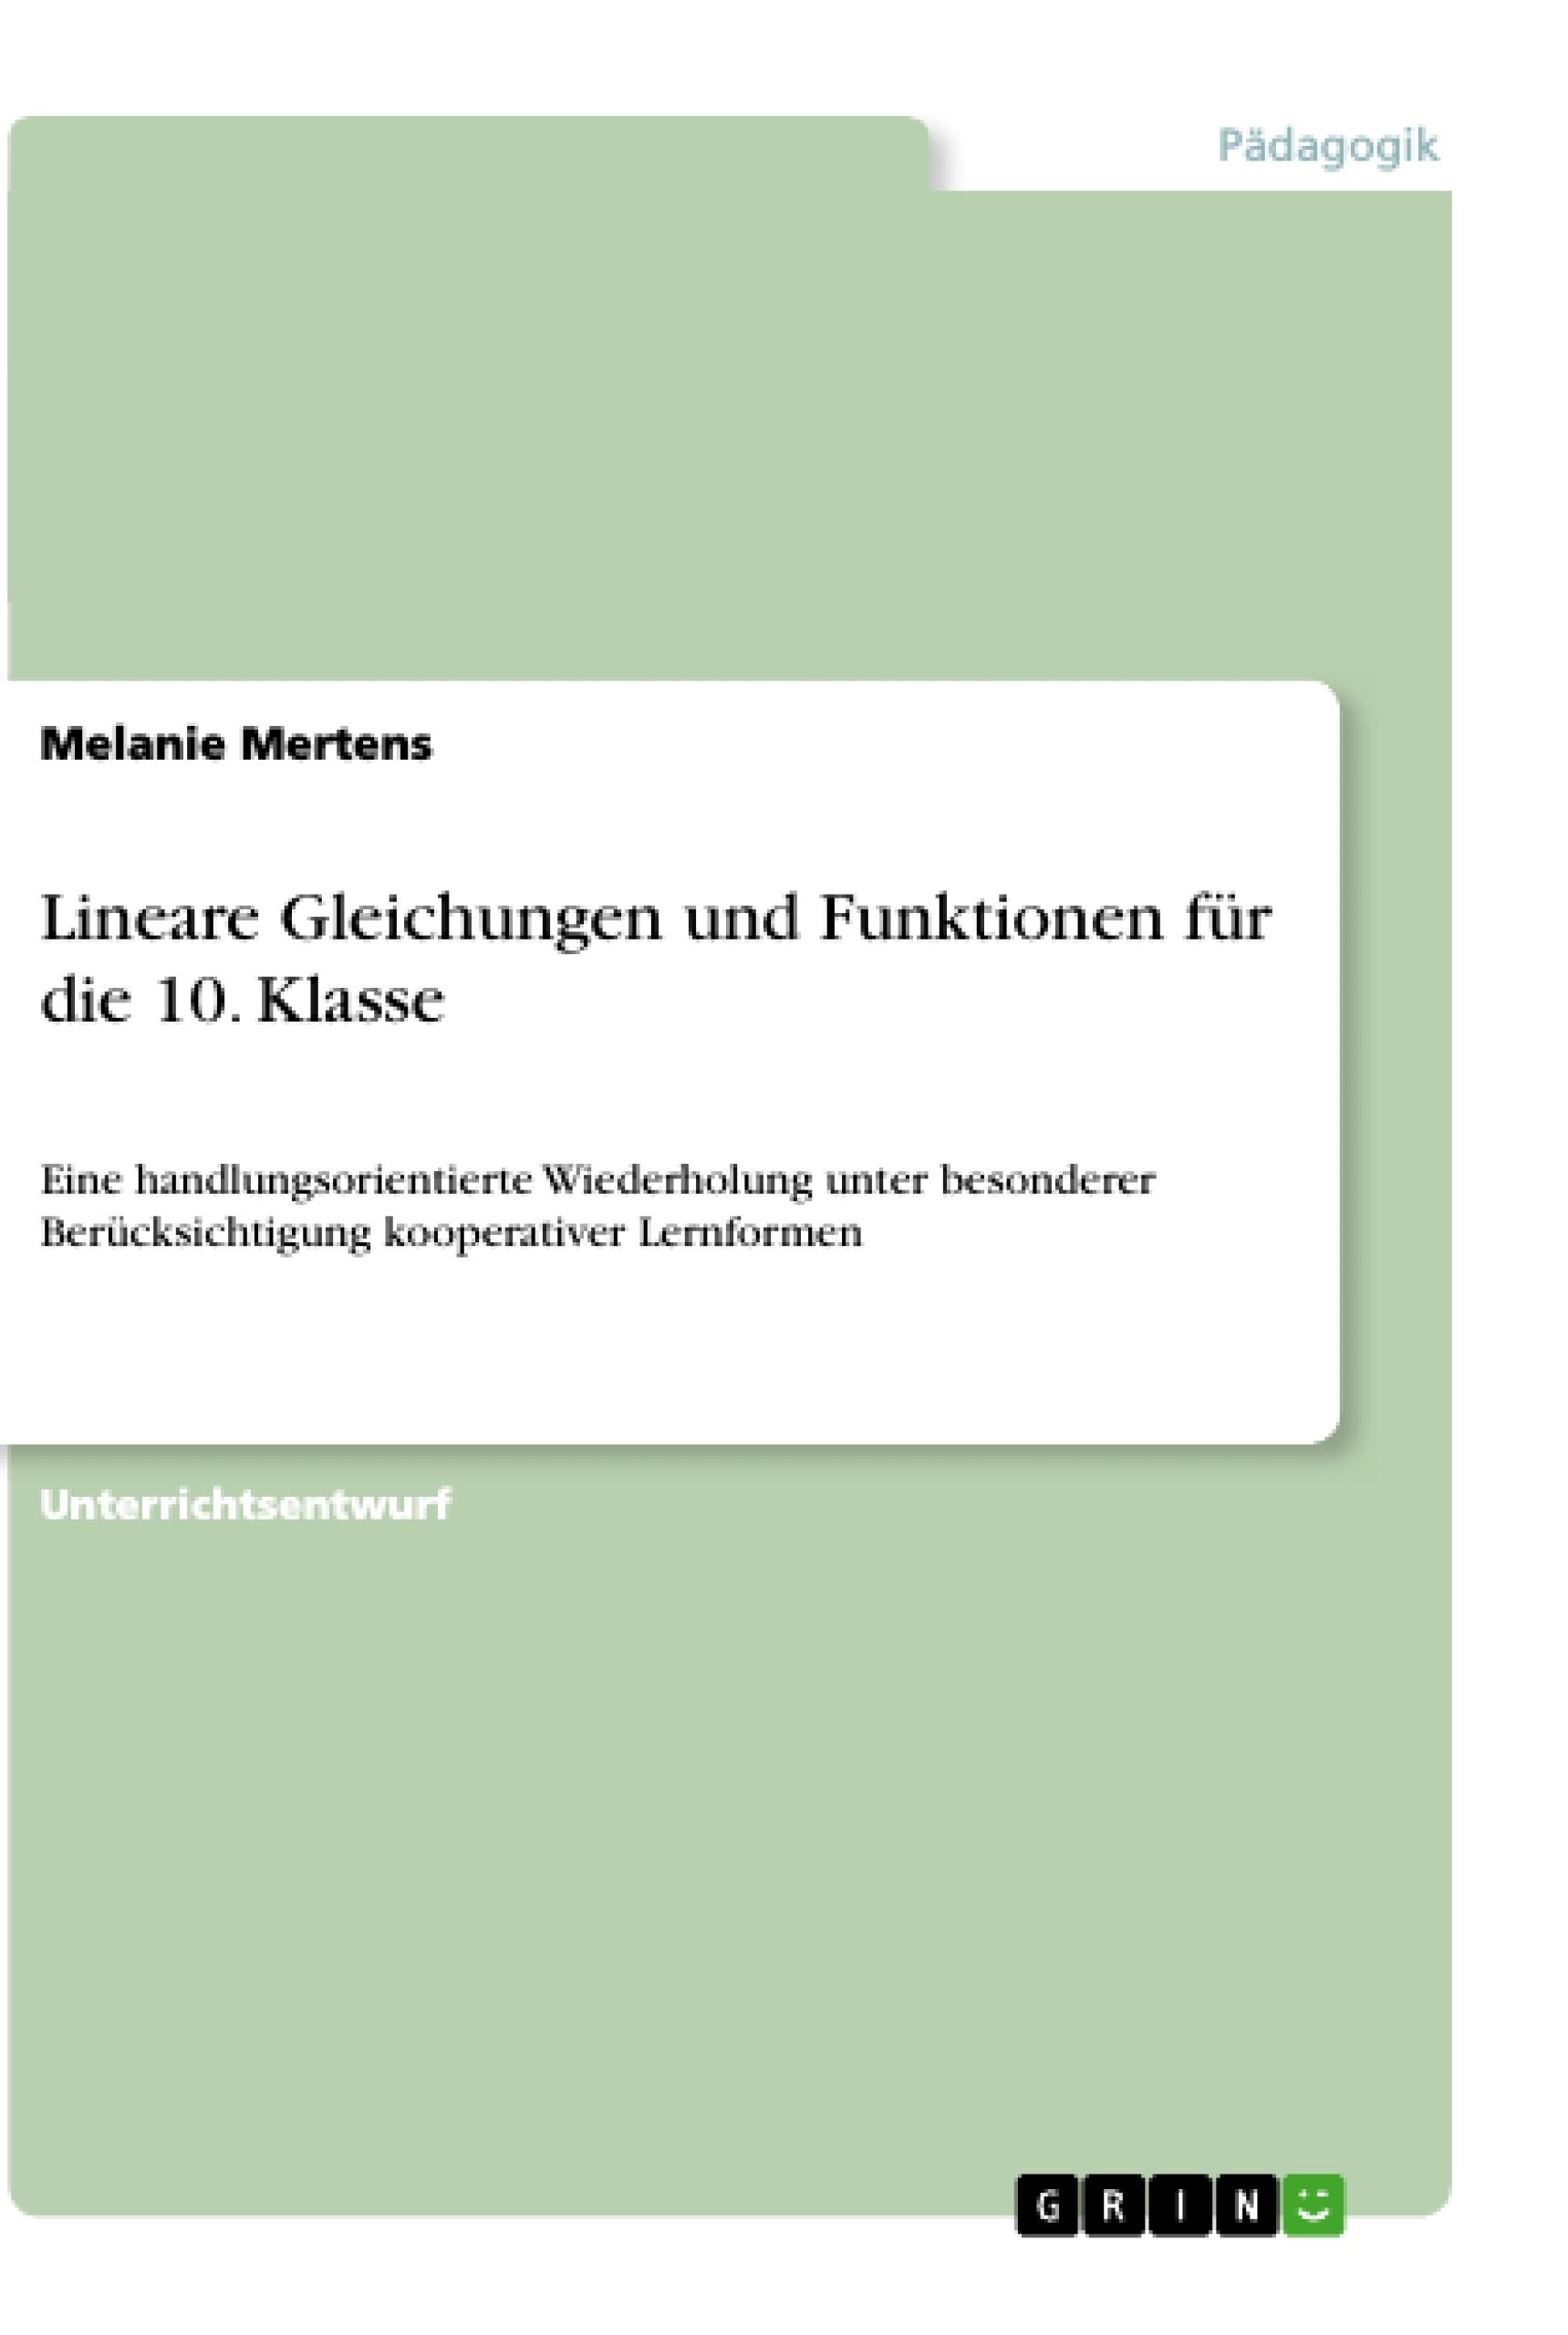 Lineare Gleichungen und Funktionen für die 10. Klasse | Masterarbeit ...